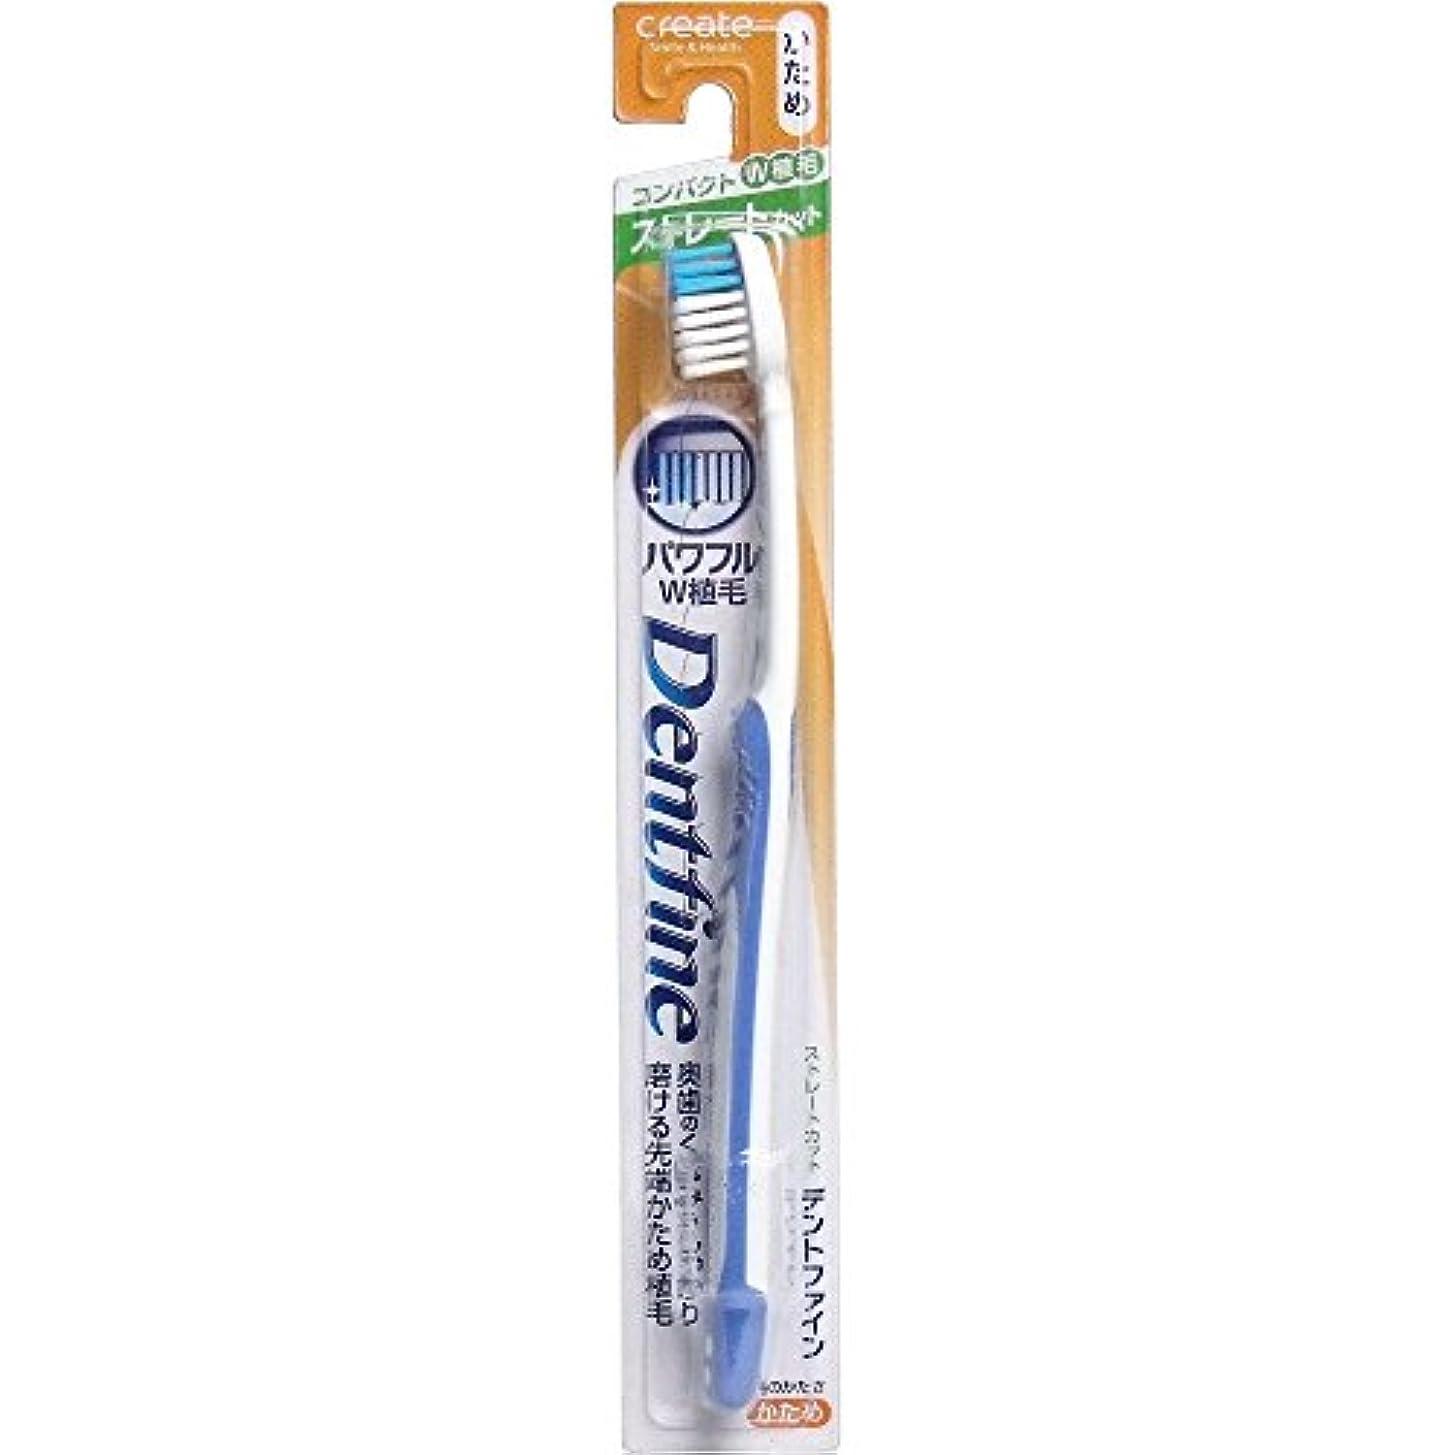 発症太い装備するデントファイン ラバーグリップ ストレートカット 歯ブラシ かため 1本:ブルー